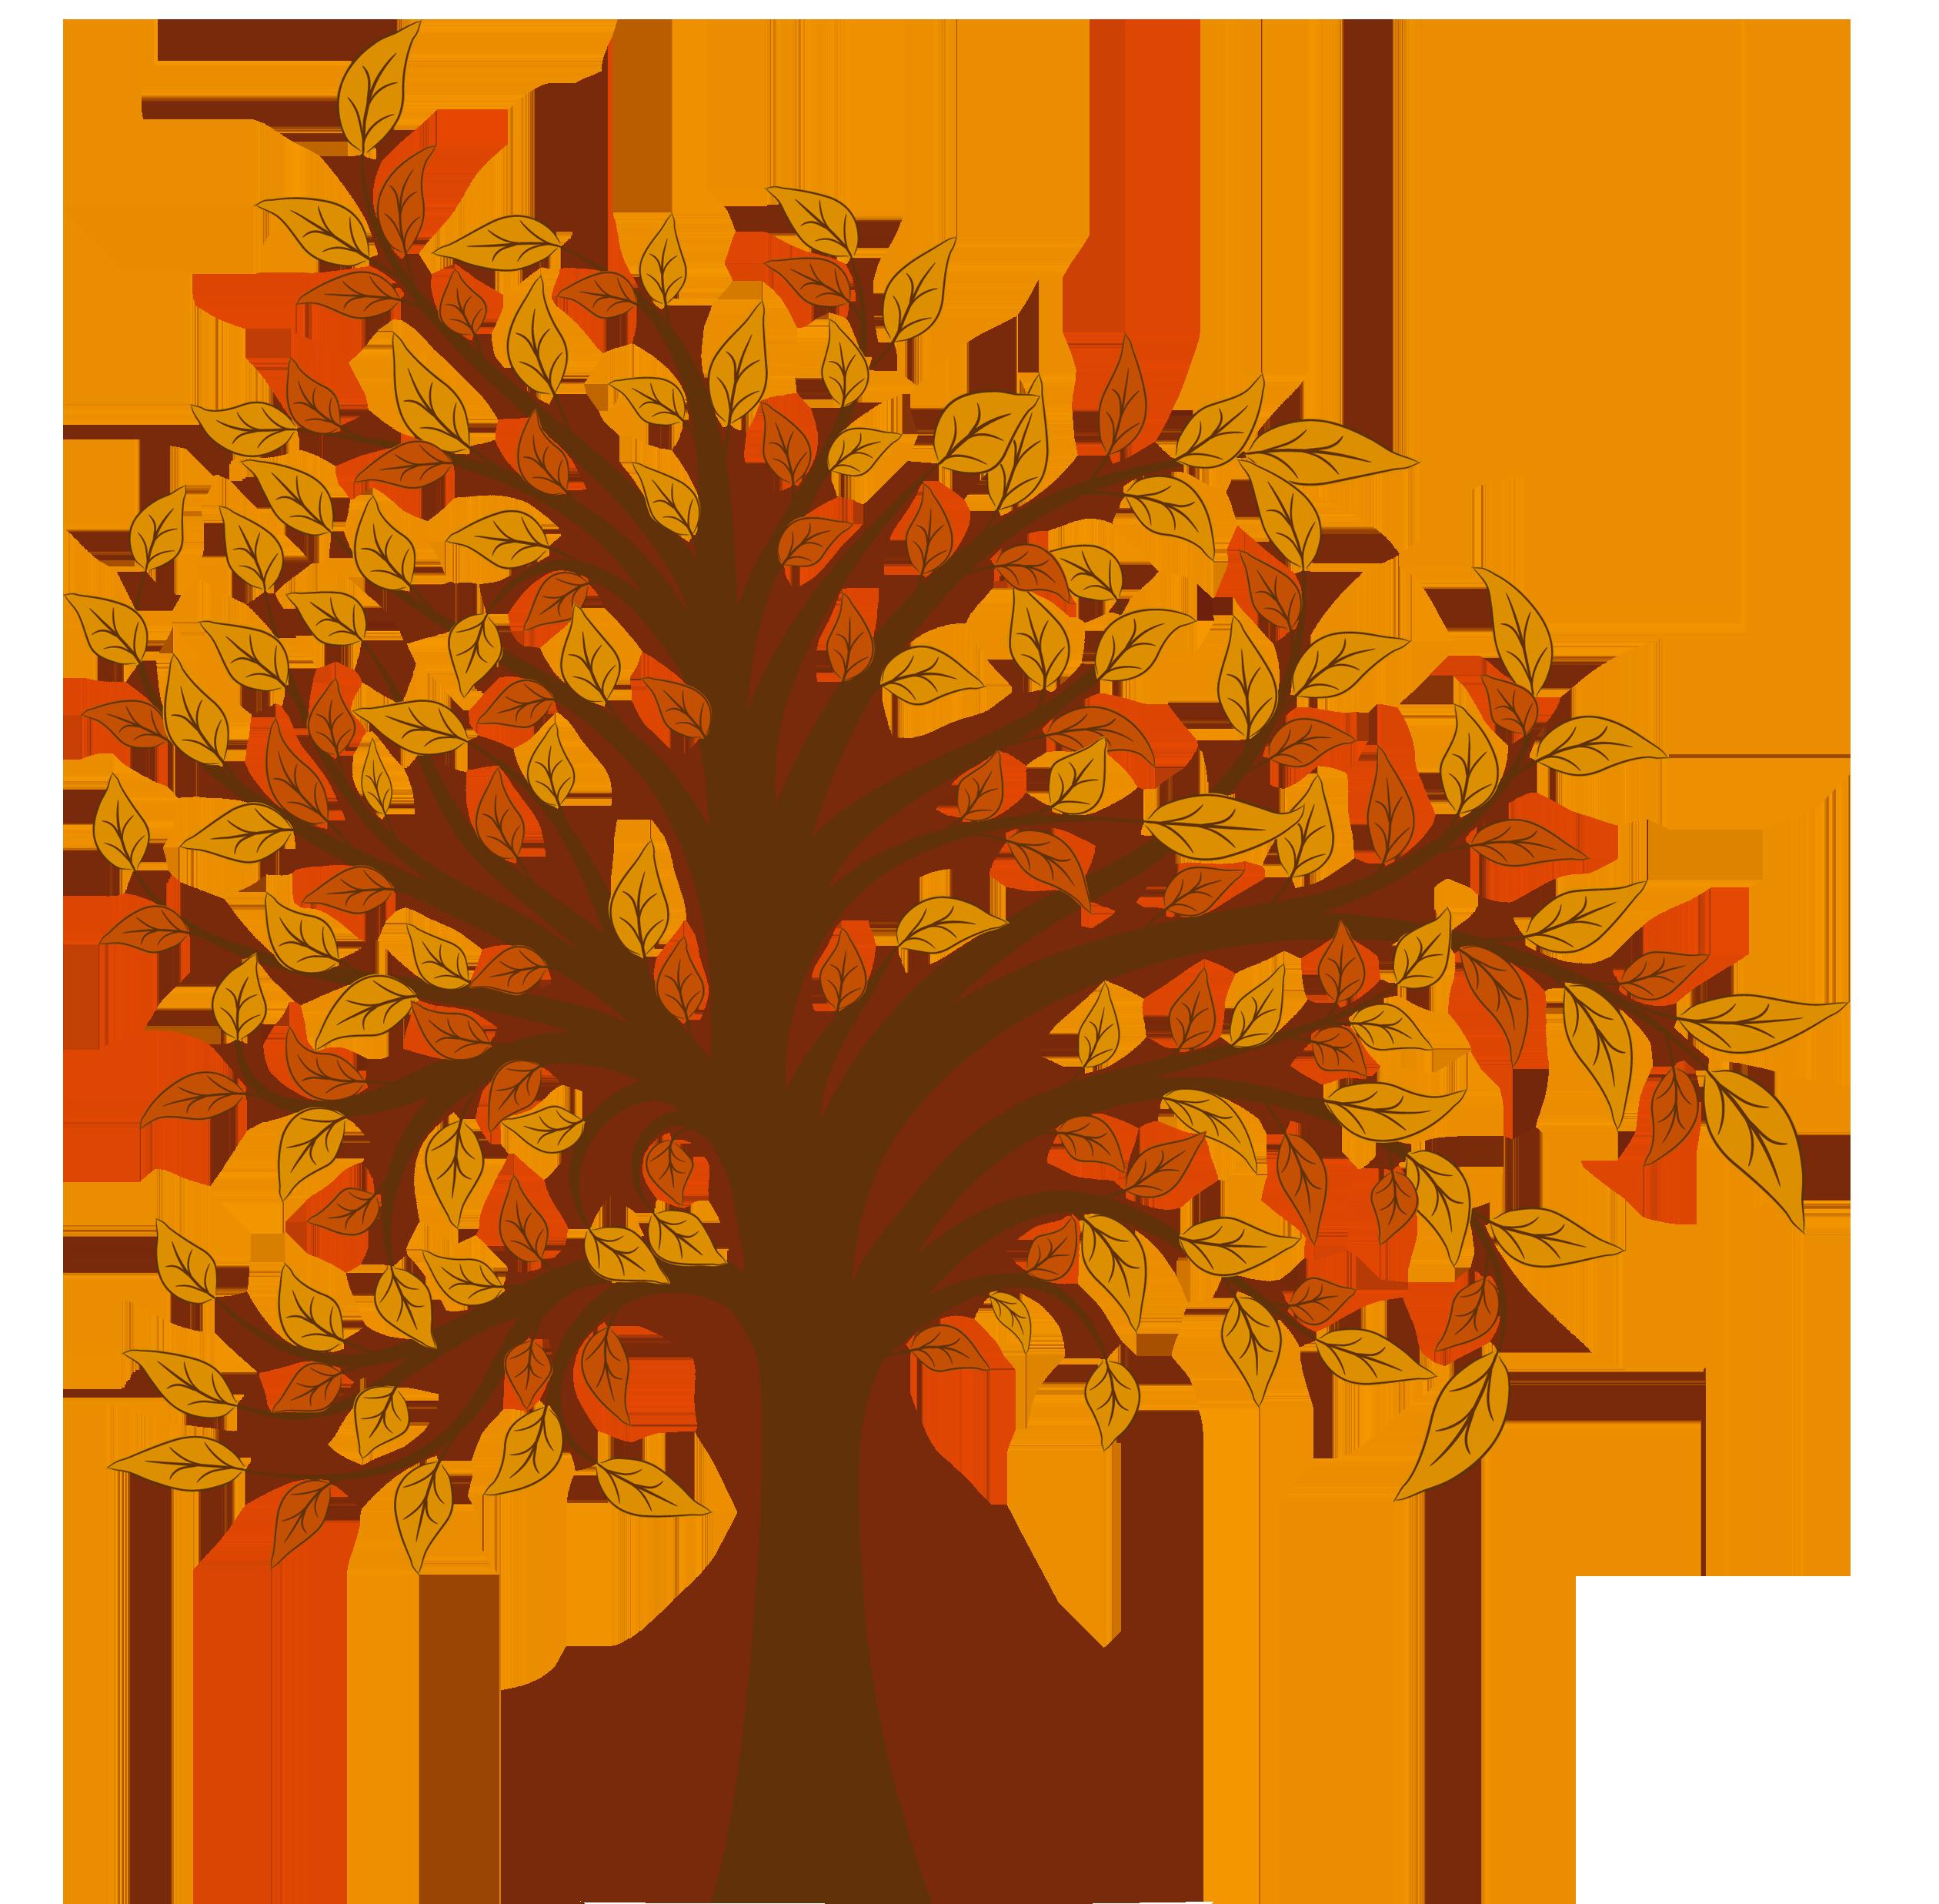 Tree clipart autum #10